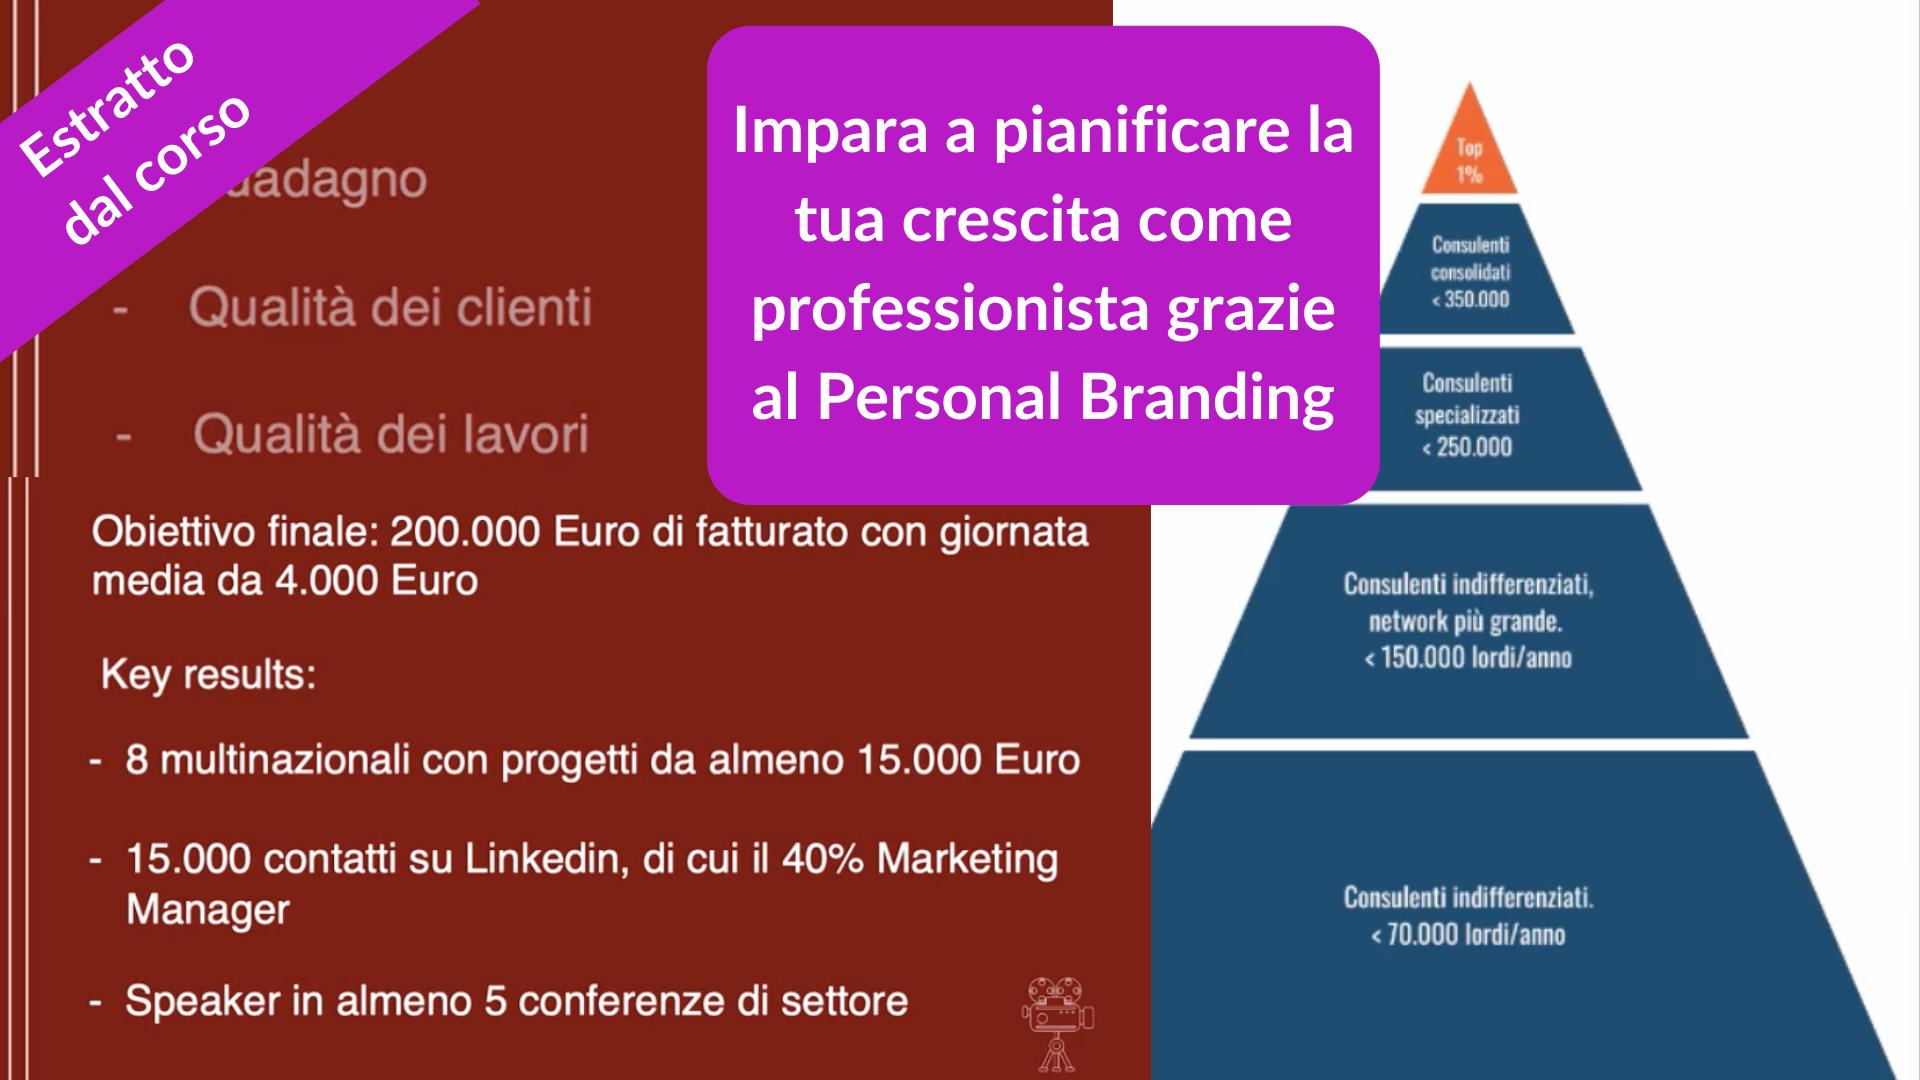 Estratto dal corso su personal branding, pianifica la tua crescita come professionista